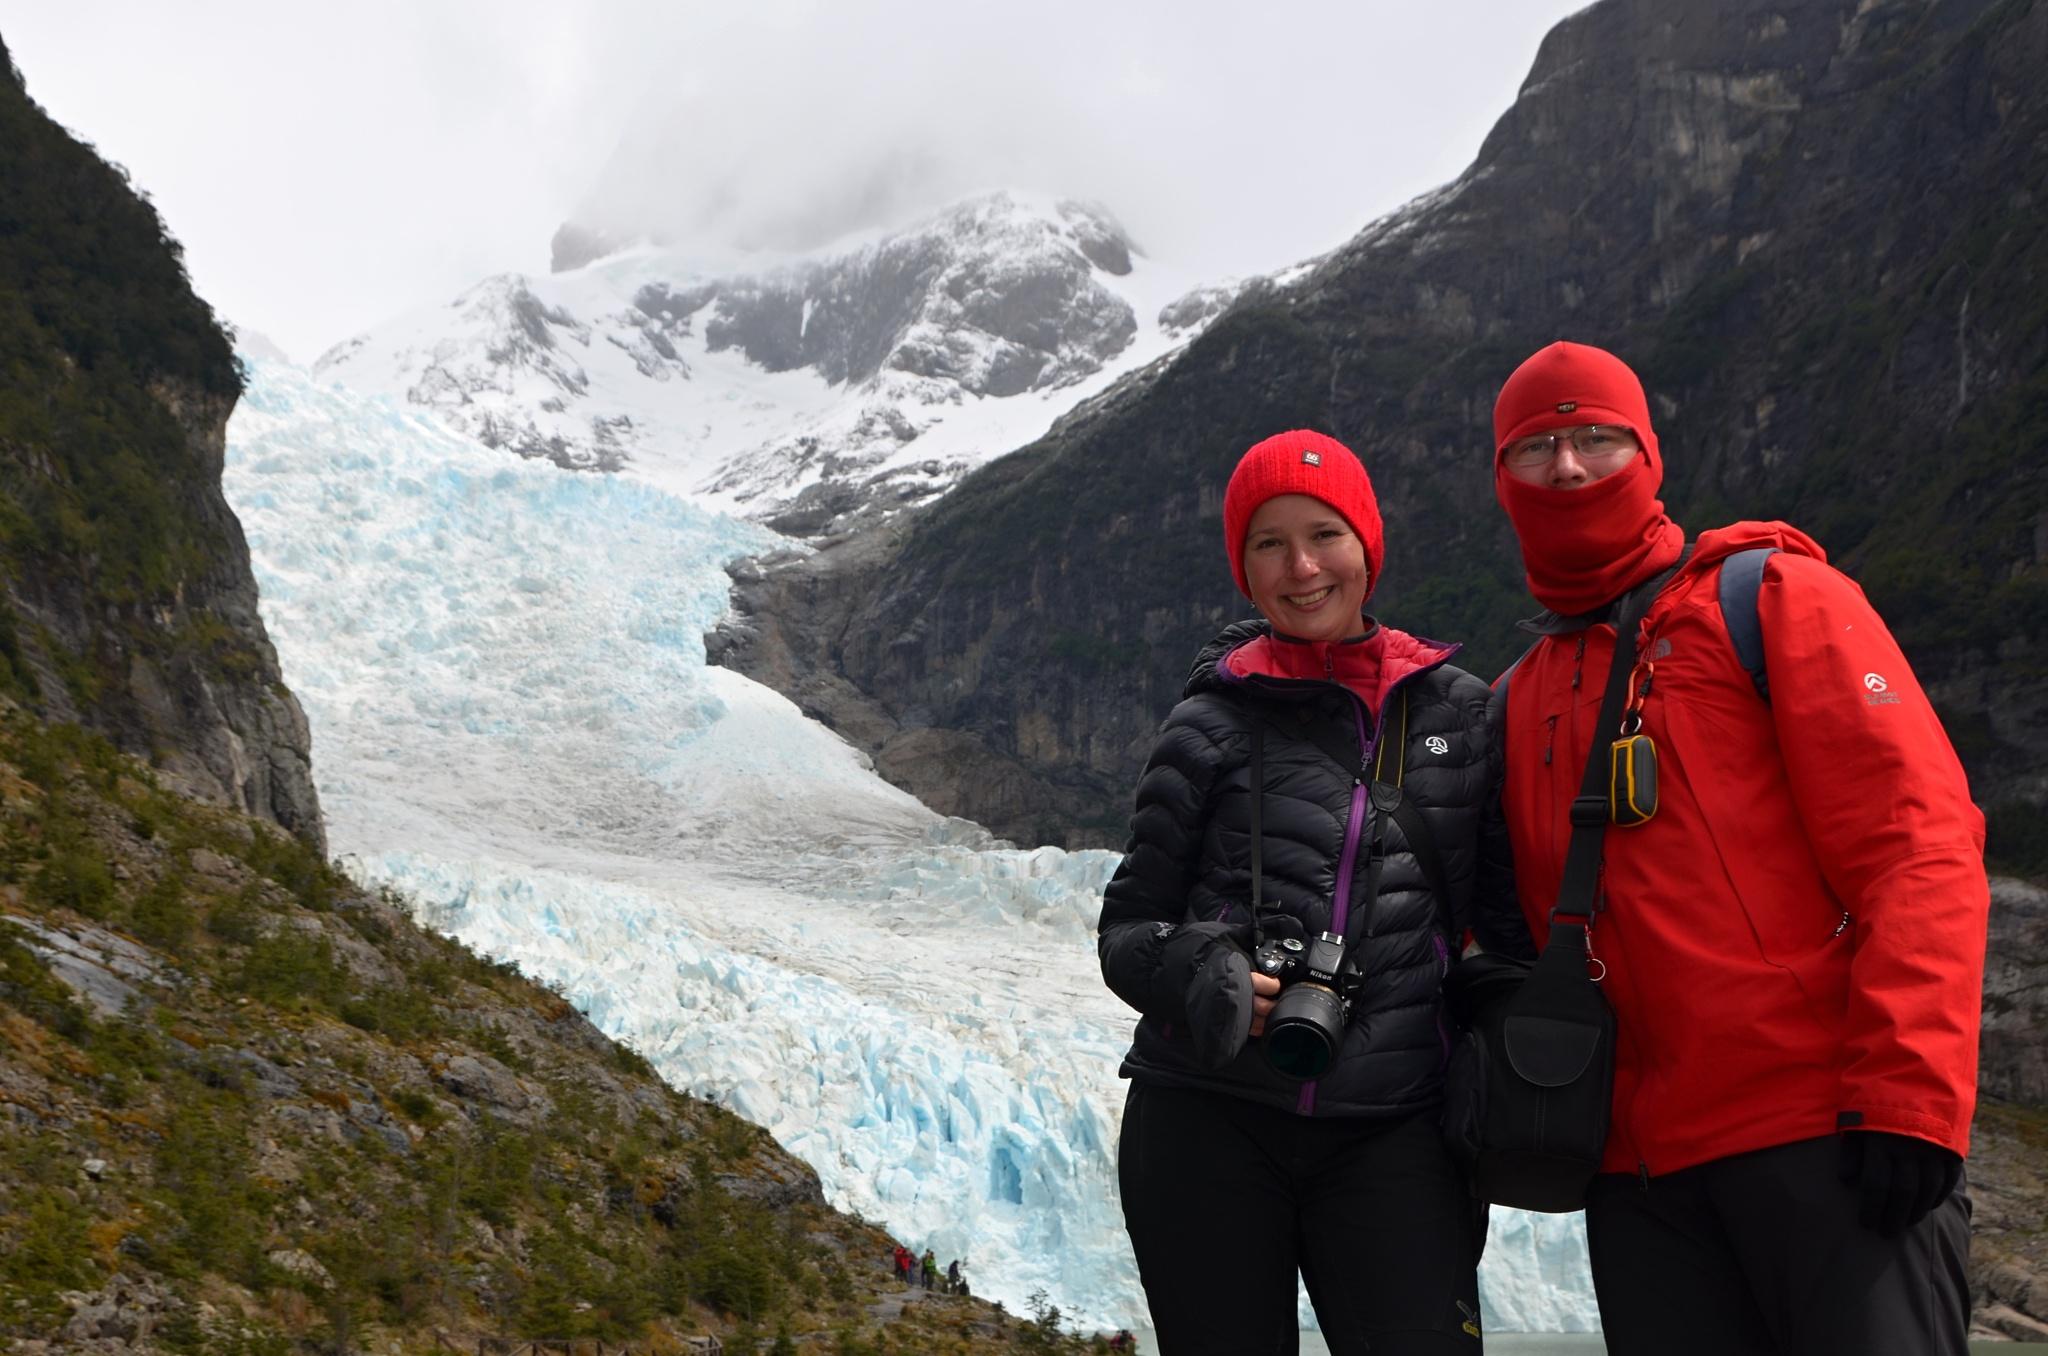 Společná fotka u ledovce Serrano